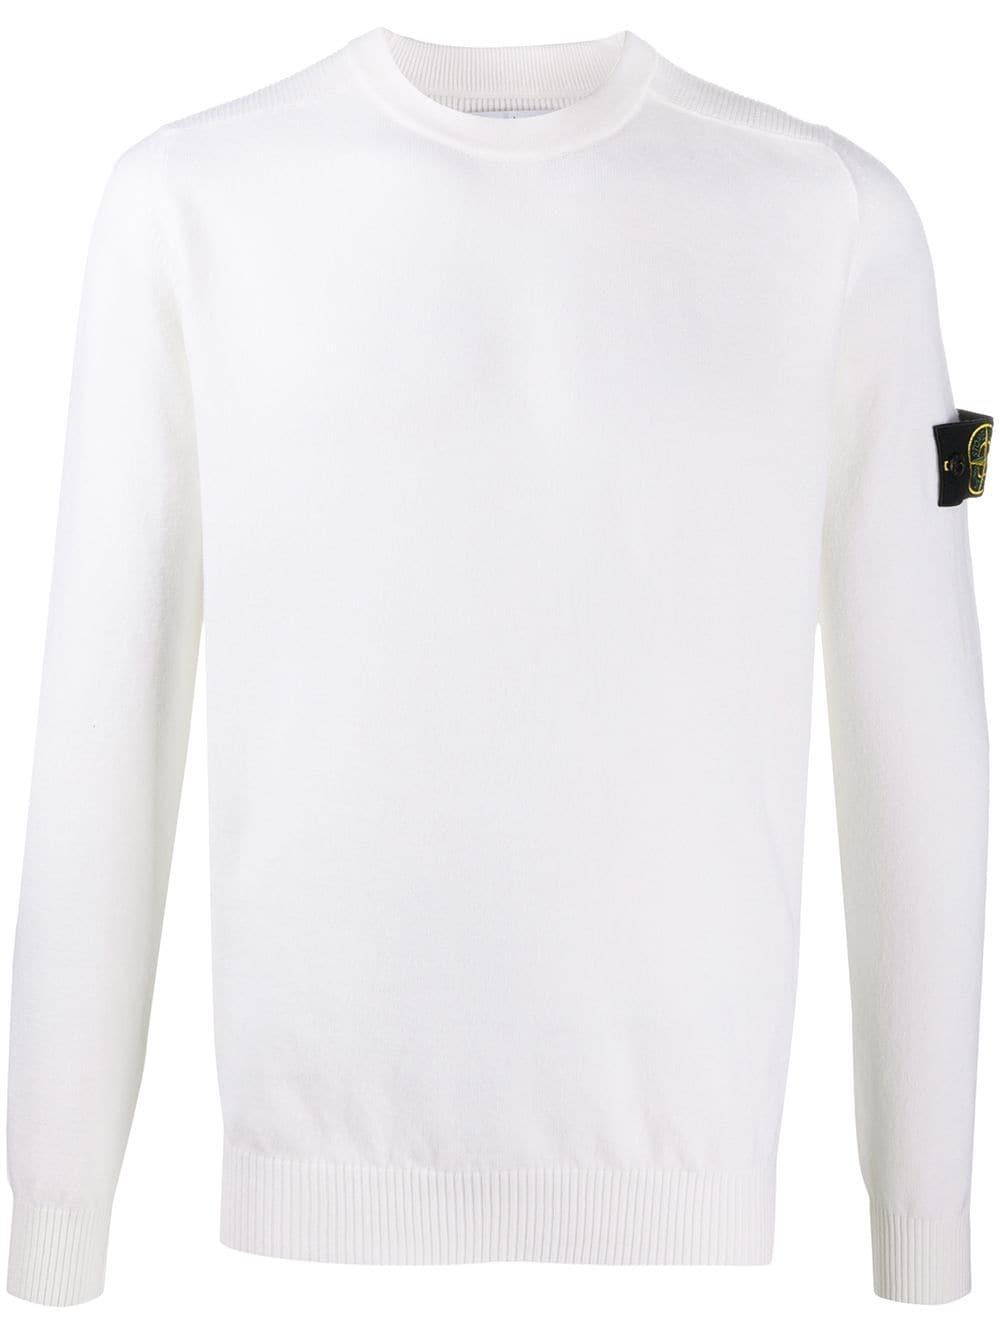 Maglione bianco in misto lana con bordi a coste STONE ISLAND | Maglieria | 7315591A1V0099